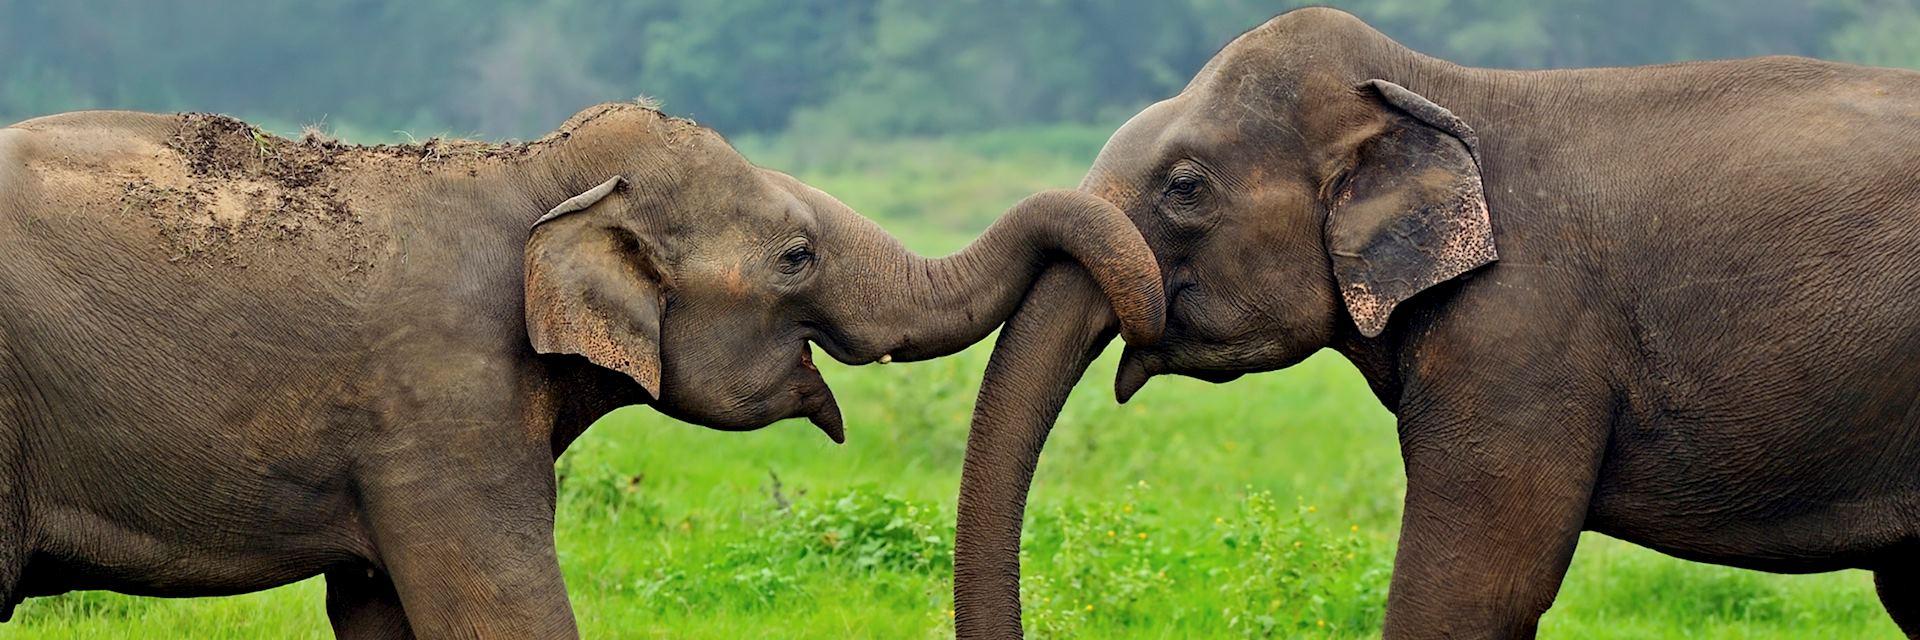 Elephants, Yala National Park